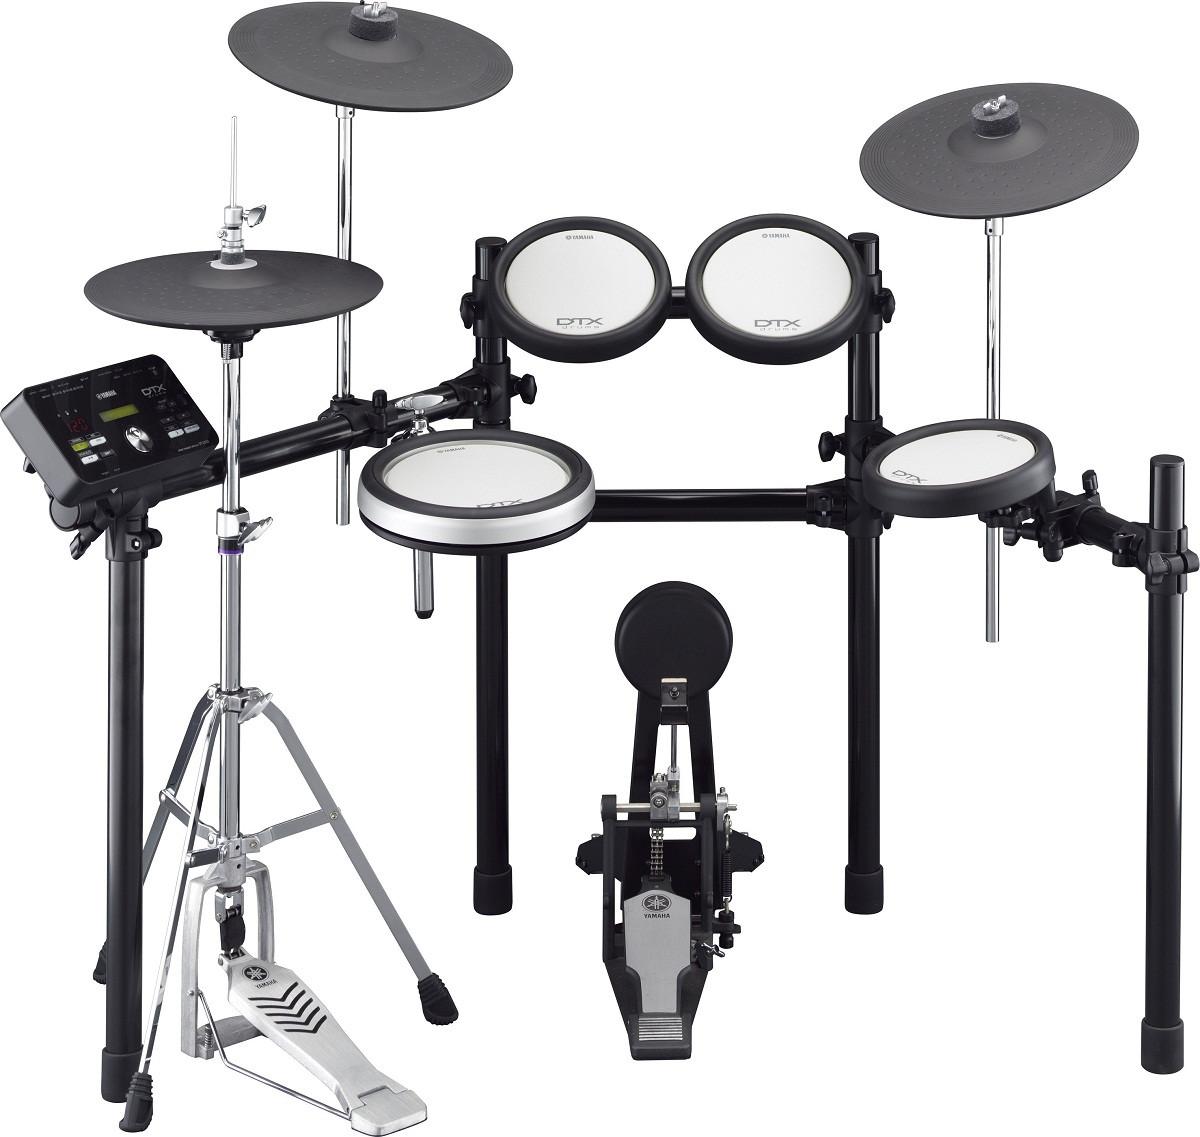 Барабанная электронная установка YAMAHA DTX562K - Music Servise - музыкальные инструменты, звук,  свет, инсталляции, ремонт,  гитарная мастерская. в Шостке